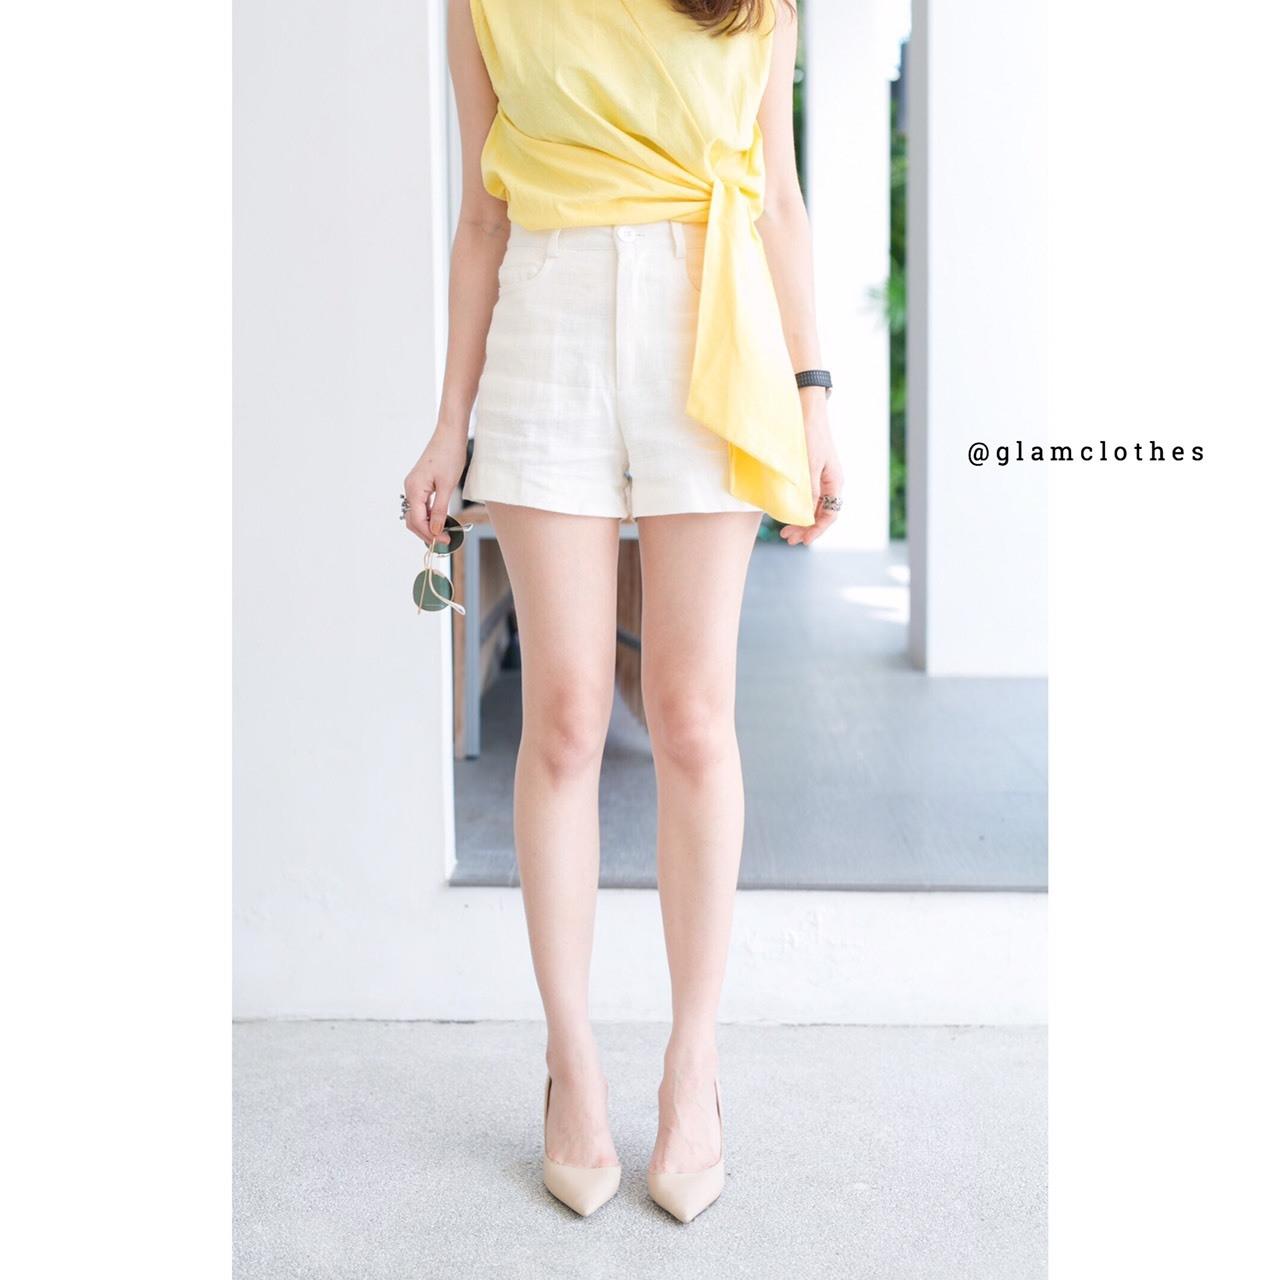 เสื้อผ้าแฟชั่นเกาหลีพร้อมส่งกางเกงขาสั้นผ้าลินินมีกระดุมและมีซิป